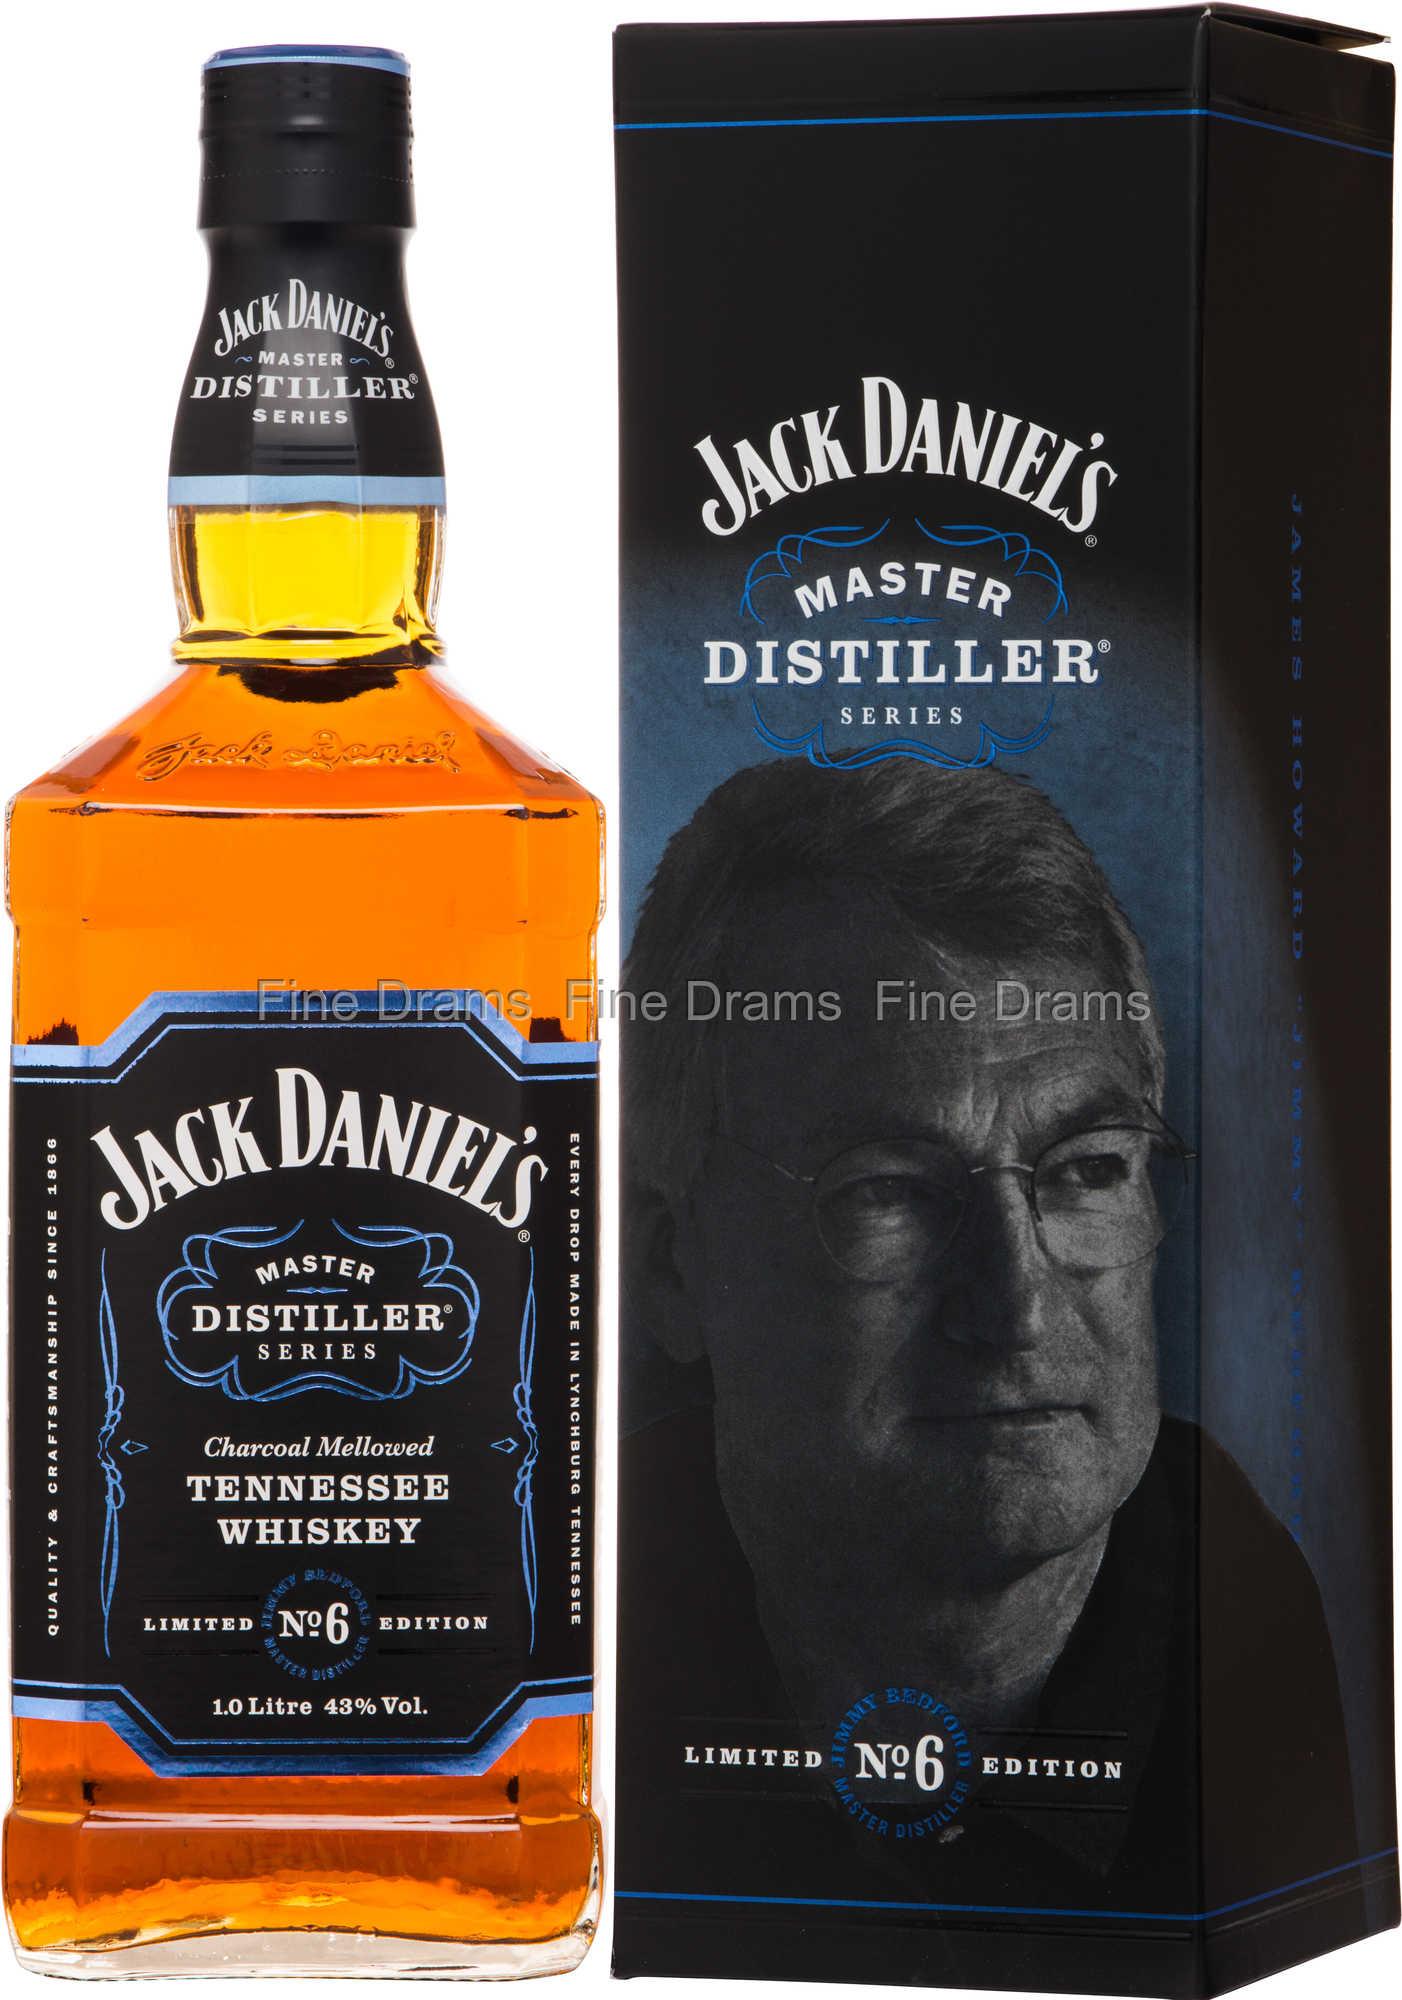 Jack Daniel's Master Distiller No. 6 Whisky (1 Liter)